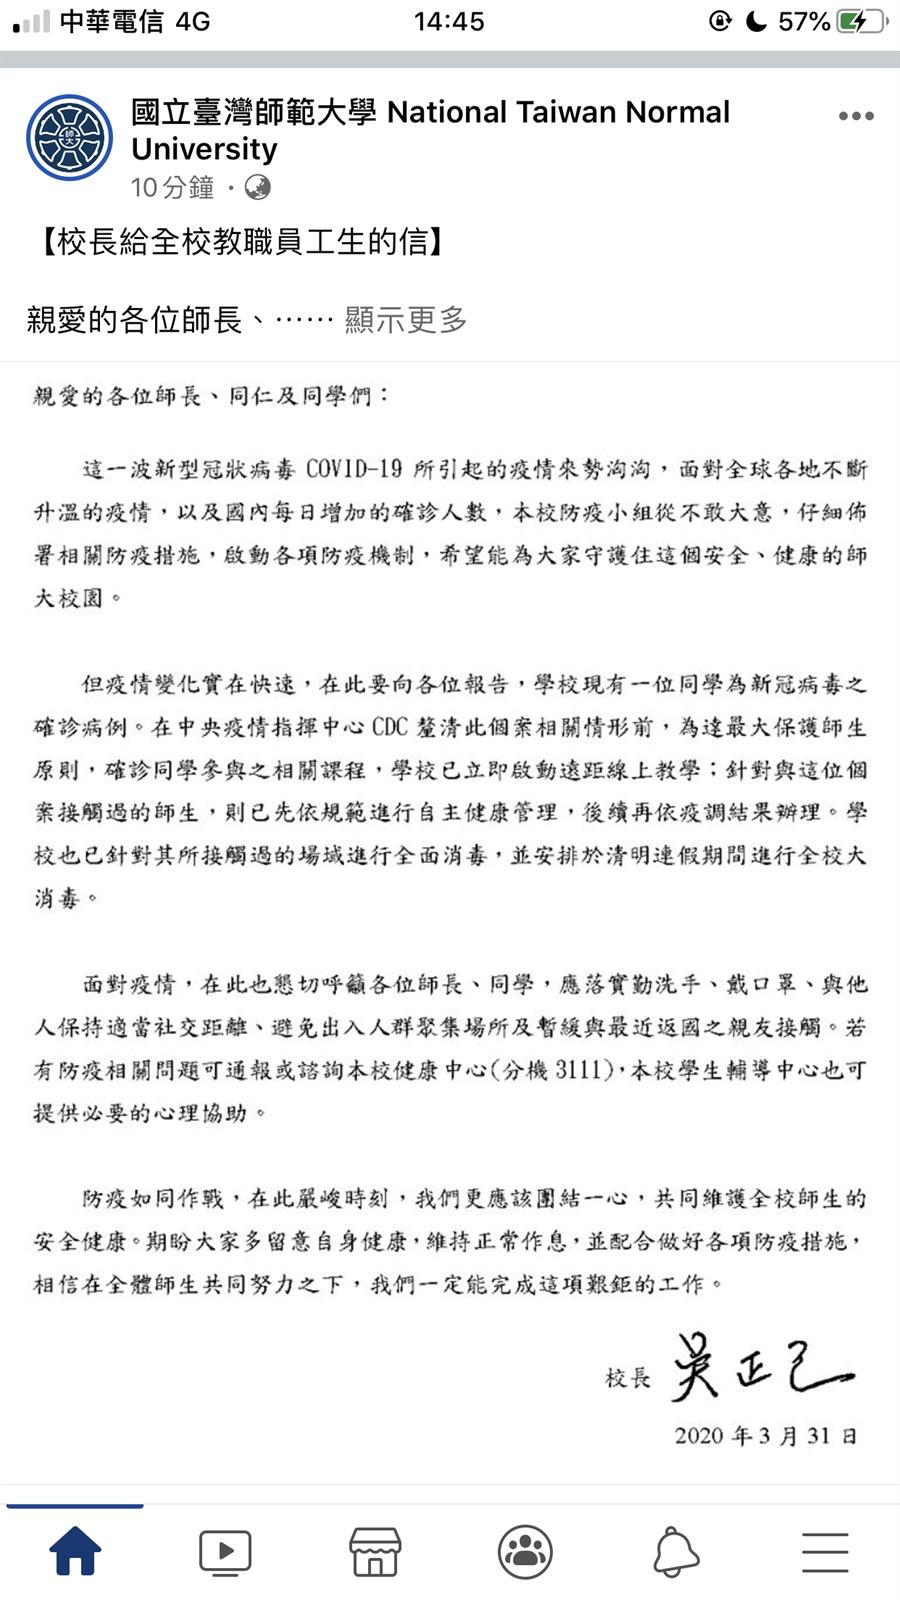 台師大1學生確診,校長發公開信證實。(圖/摘自臉書)